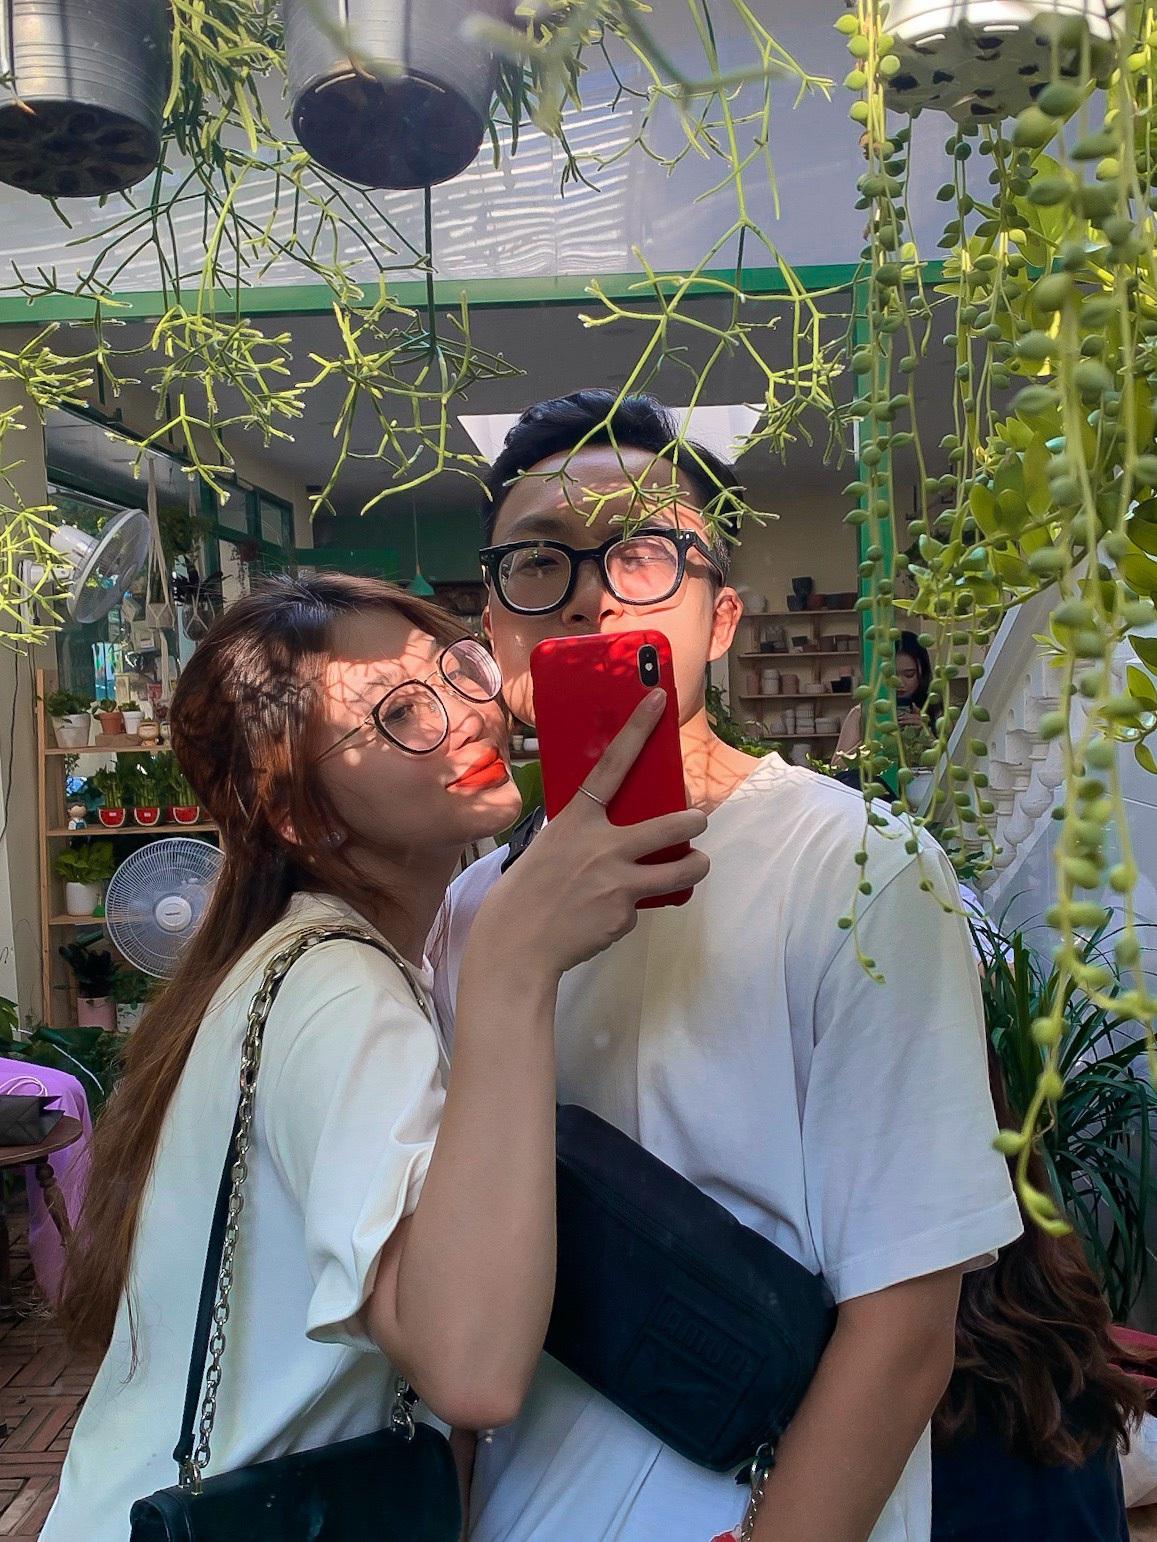 Tình yêu gian nan của các cặp đôi yêu xa trong mùa dịch - 2